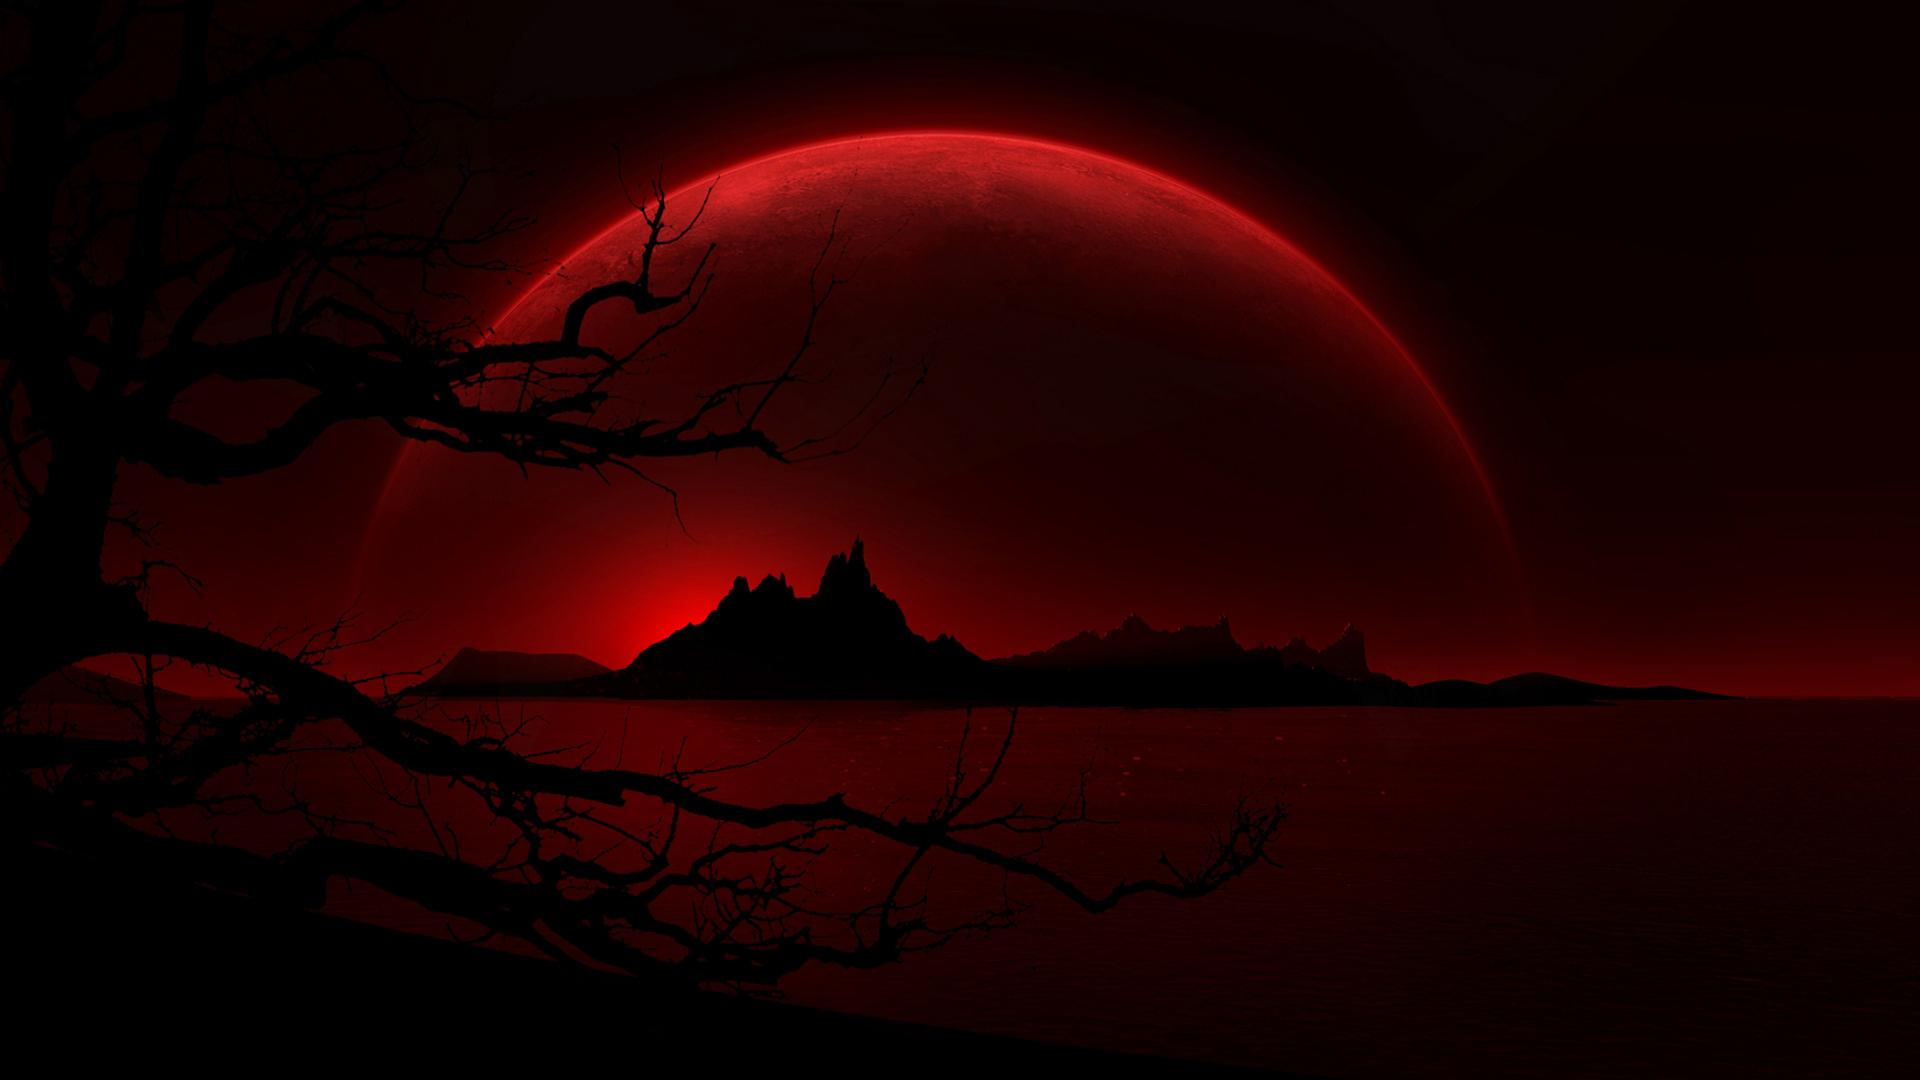 Blood Red Wallpaper - WallpaperSafari